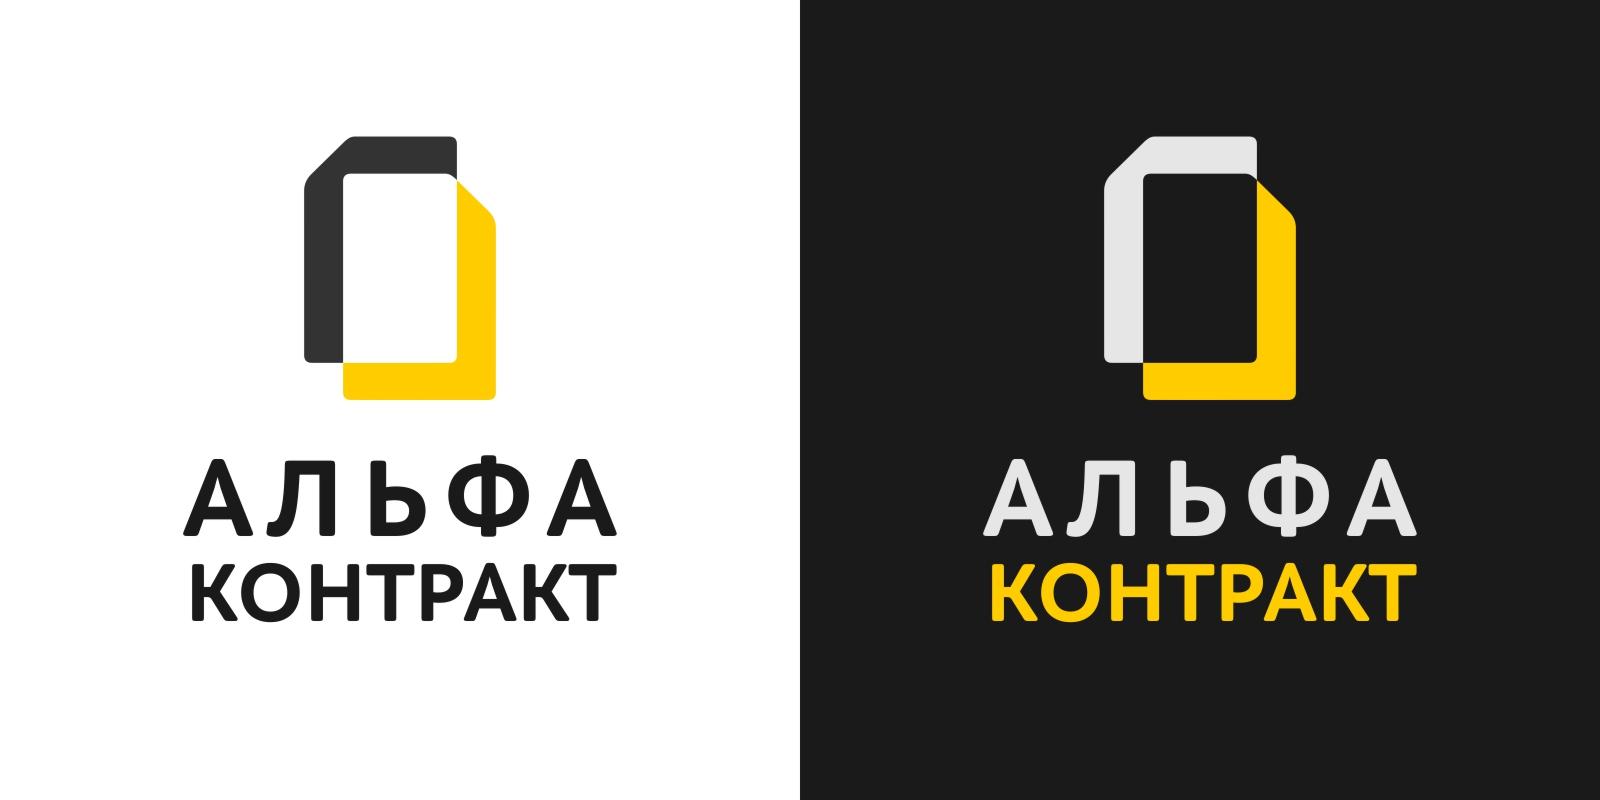 Дизайнер для разработки логотипа компании фото f_8175bfbd2cfde17f.jpg